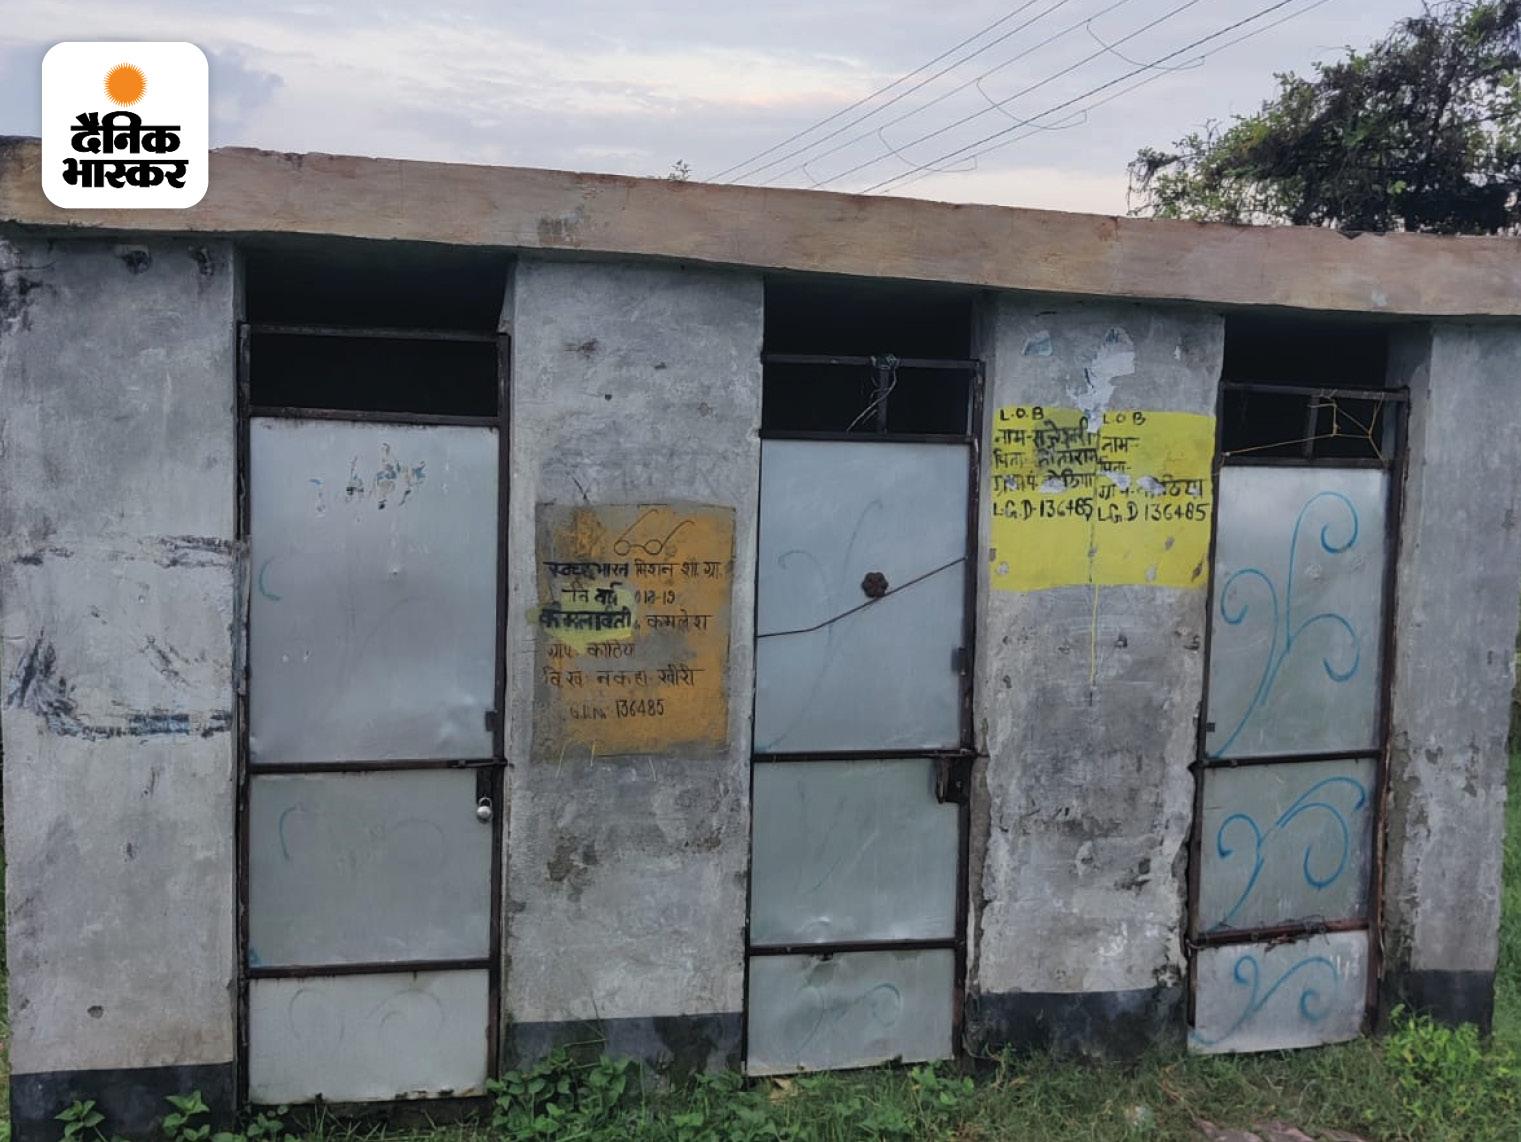 गांव में बने सार्वजनिक शौचालयों की हालत इतनी खराब है कि इन पर सरकारी ताले पड़े हैं।